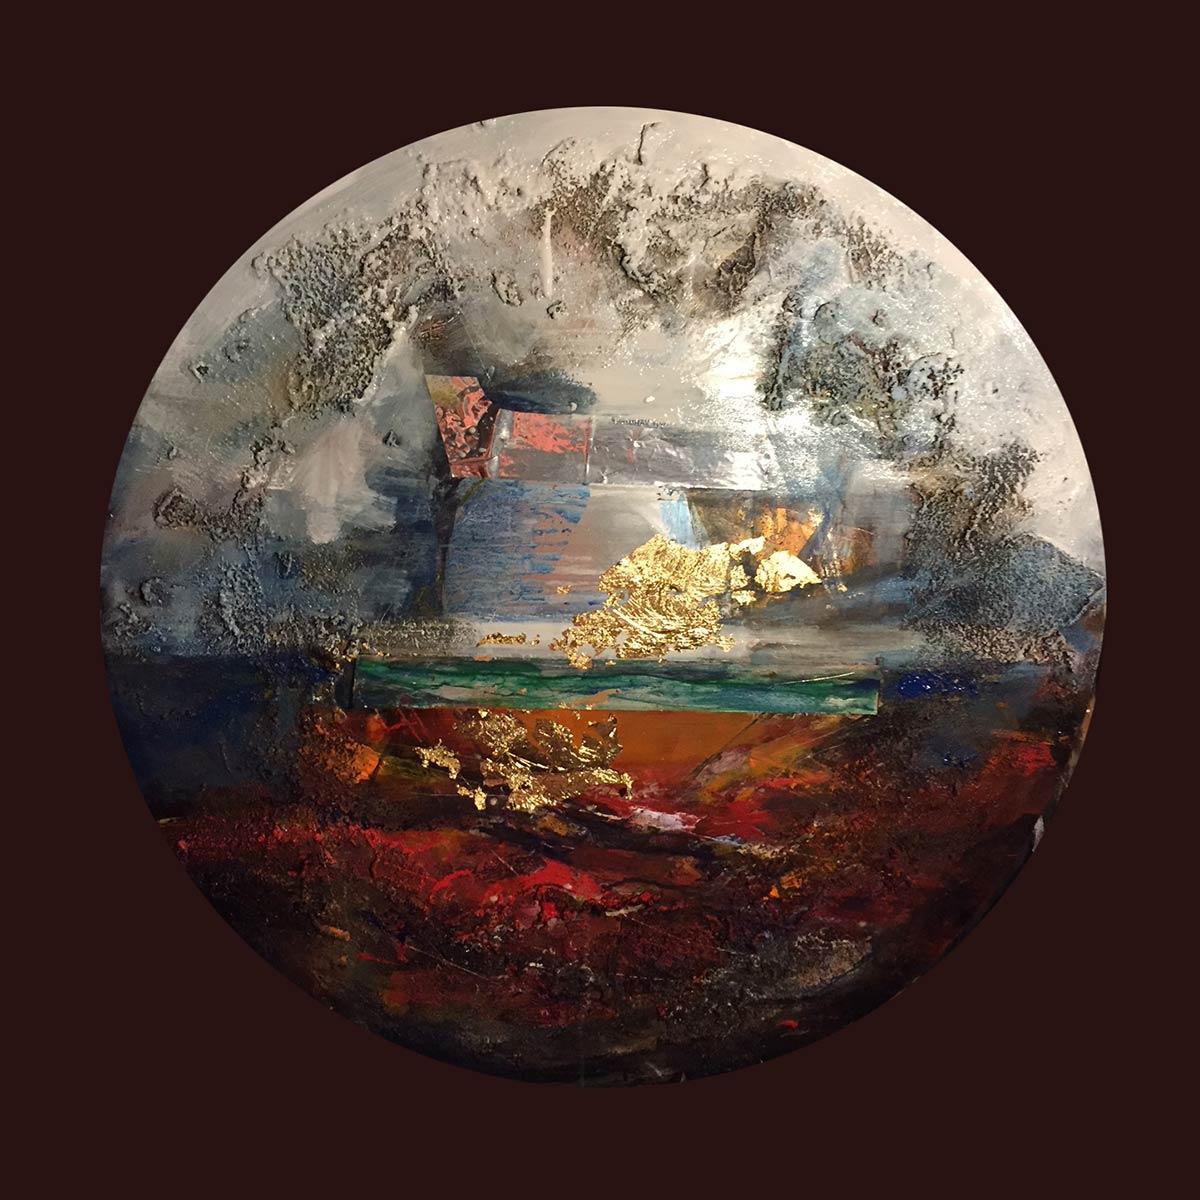 Il pianeta di utopia - Franco Margari - Pittura